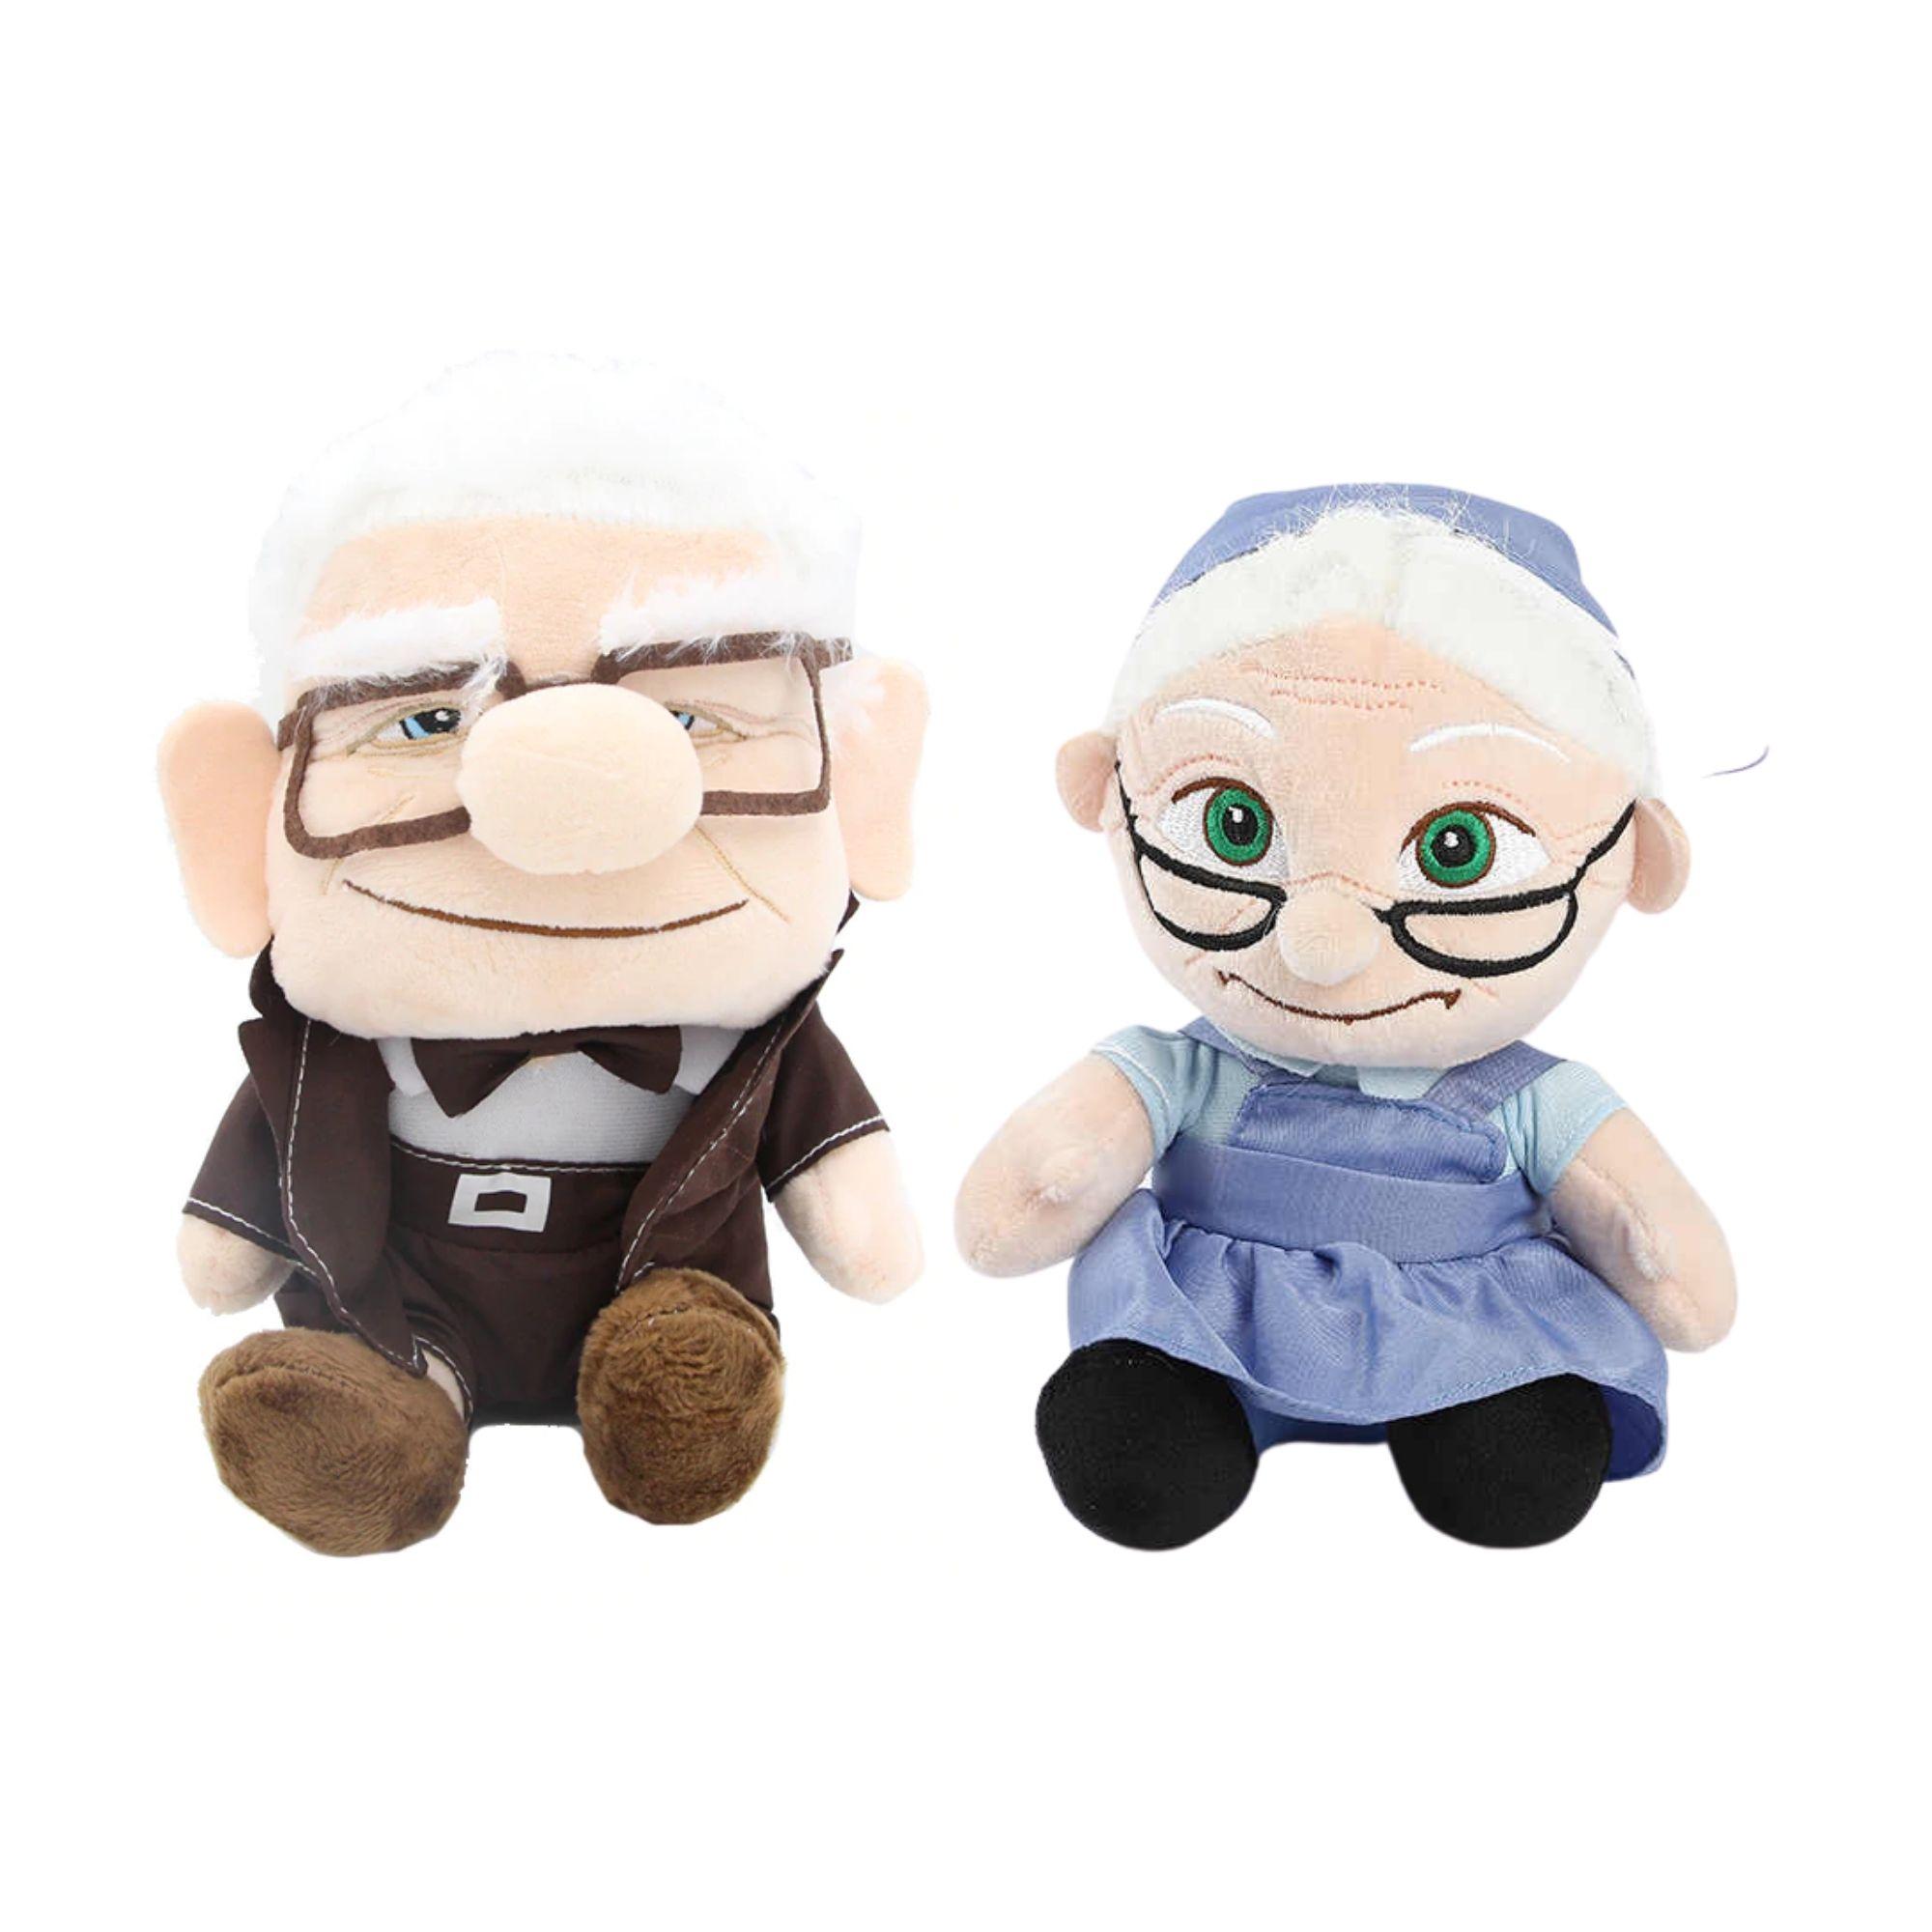 Pelucia Carl e Ellie do Filme Up Altas Aventutas da Disney Pixar   - Game Land Brinquedos